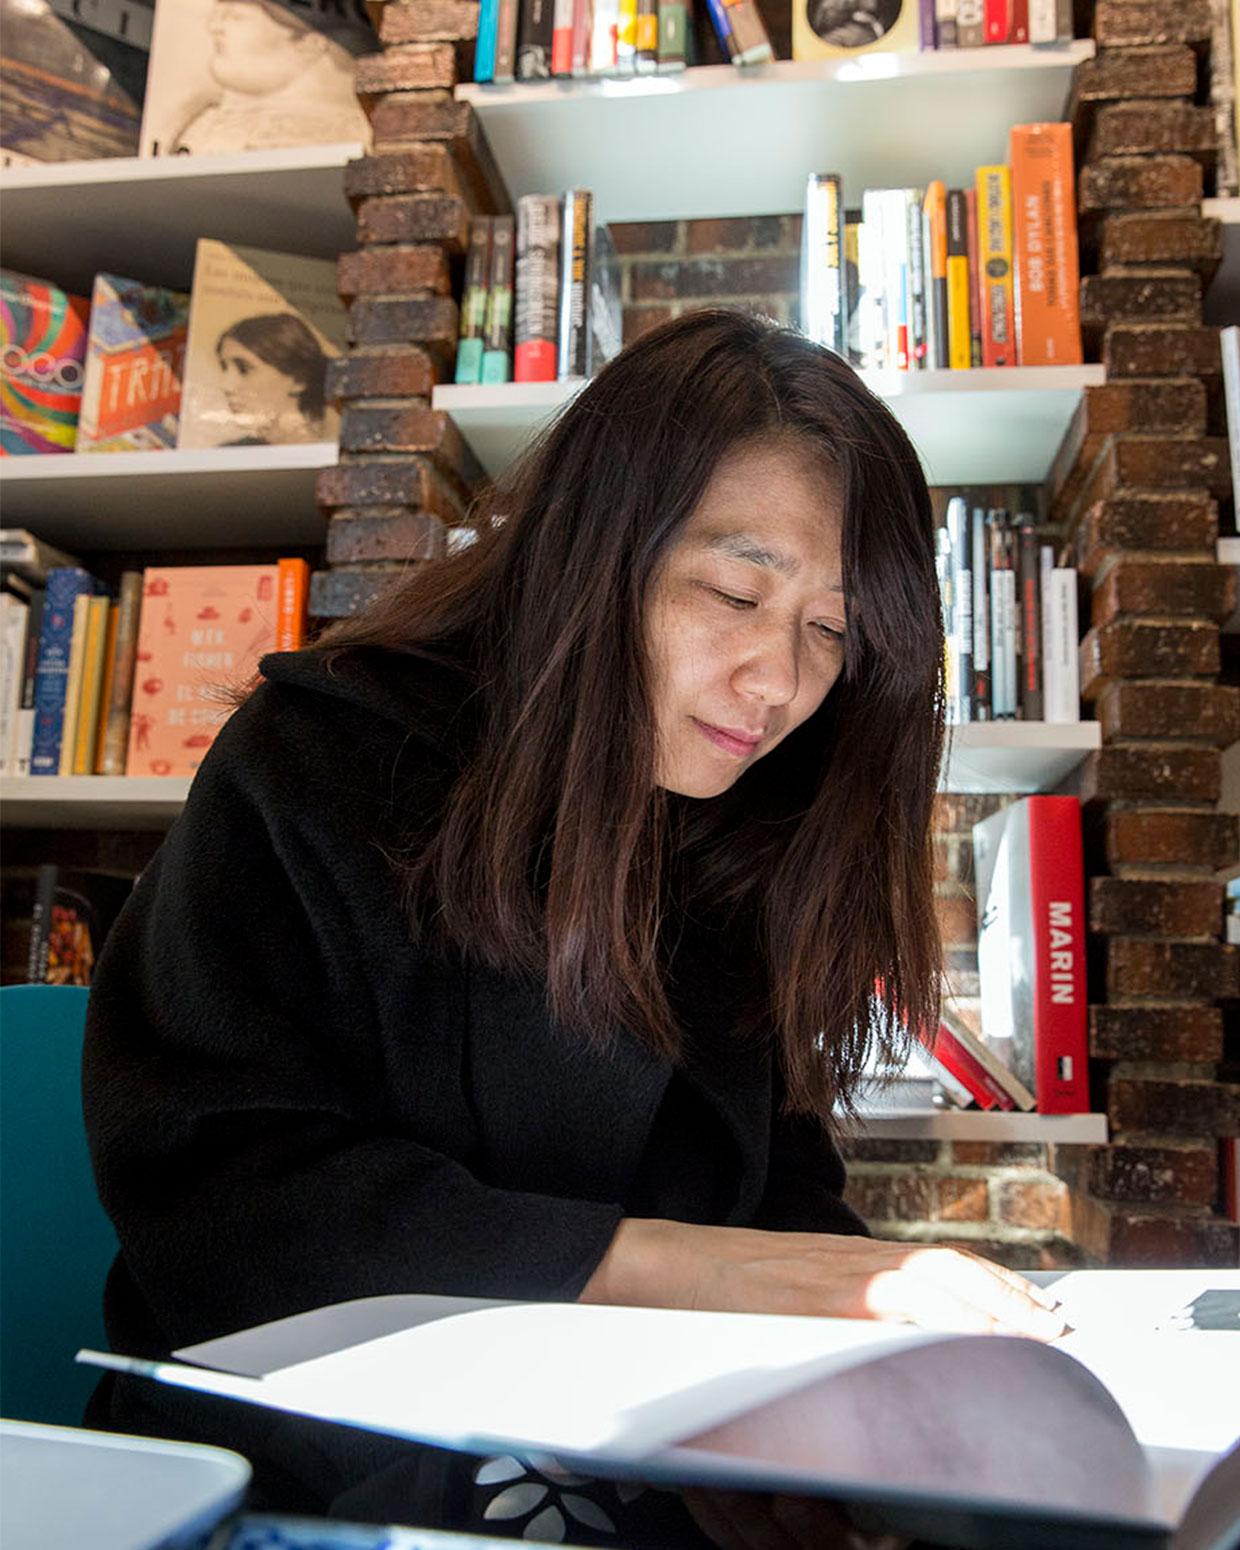 La escritora surcoreana Han Kang en la Librería Alberti, de Madrid. /Fotografía de Lisbeth Salas